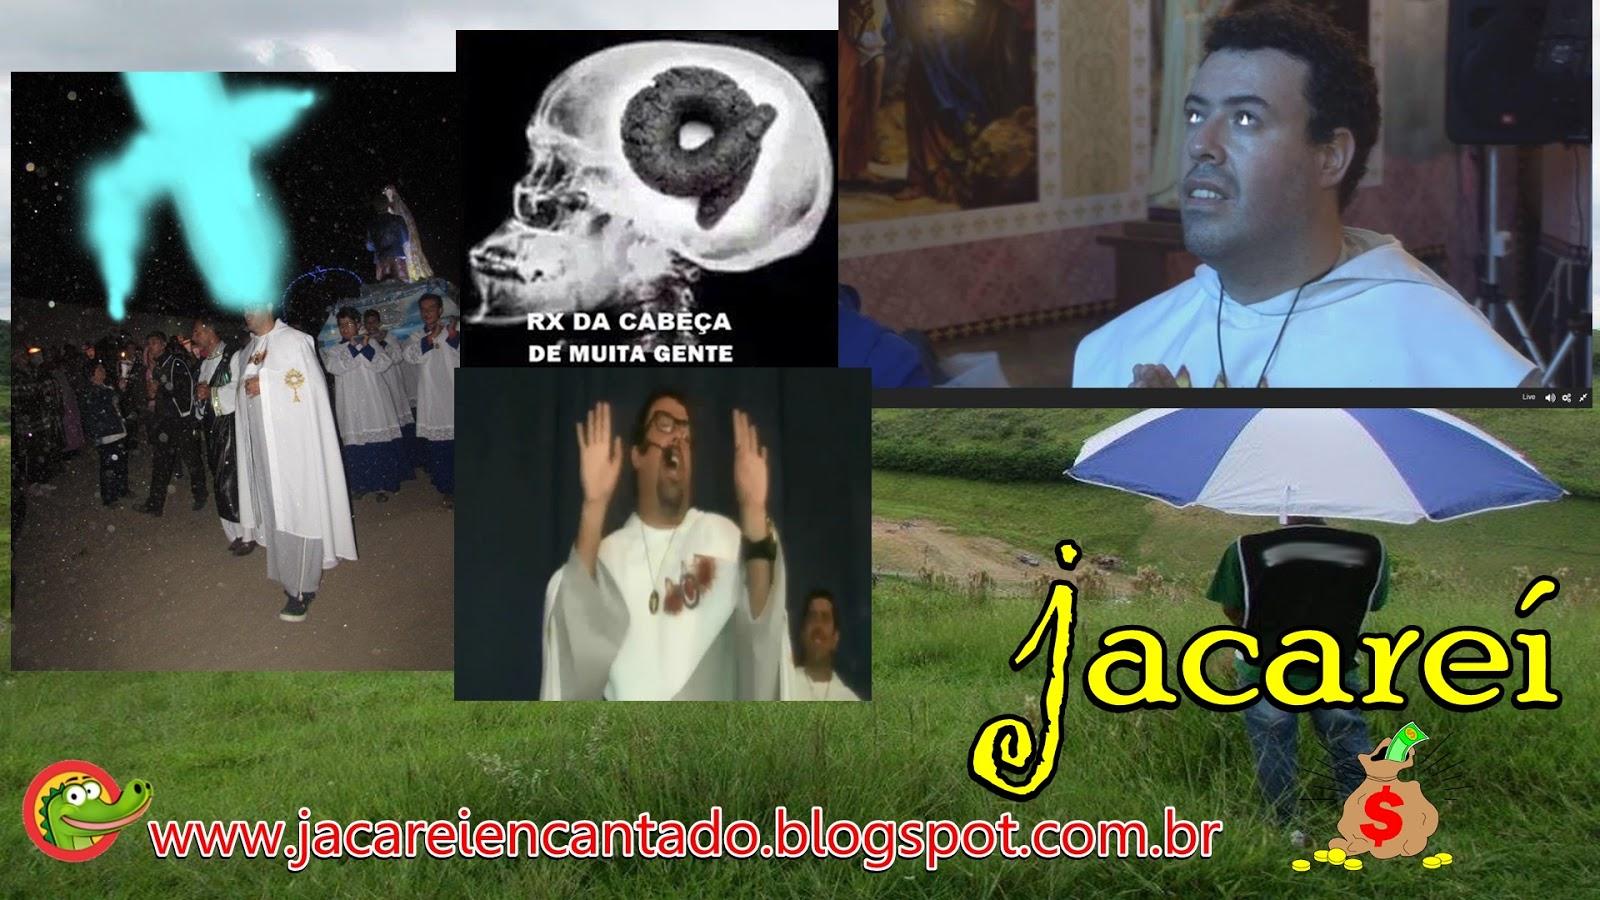 photoshop,blog oficial. www.jacareiencantado,  Santuário das aparições de jacareí SP. Marquinho . Seita Católica . falsas. verdadeiras,   astrólogo. bruxo vidente